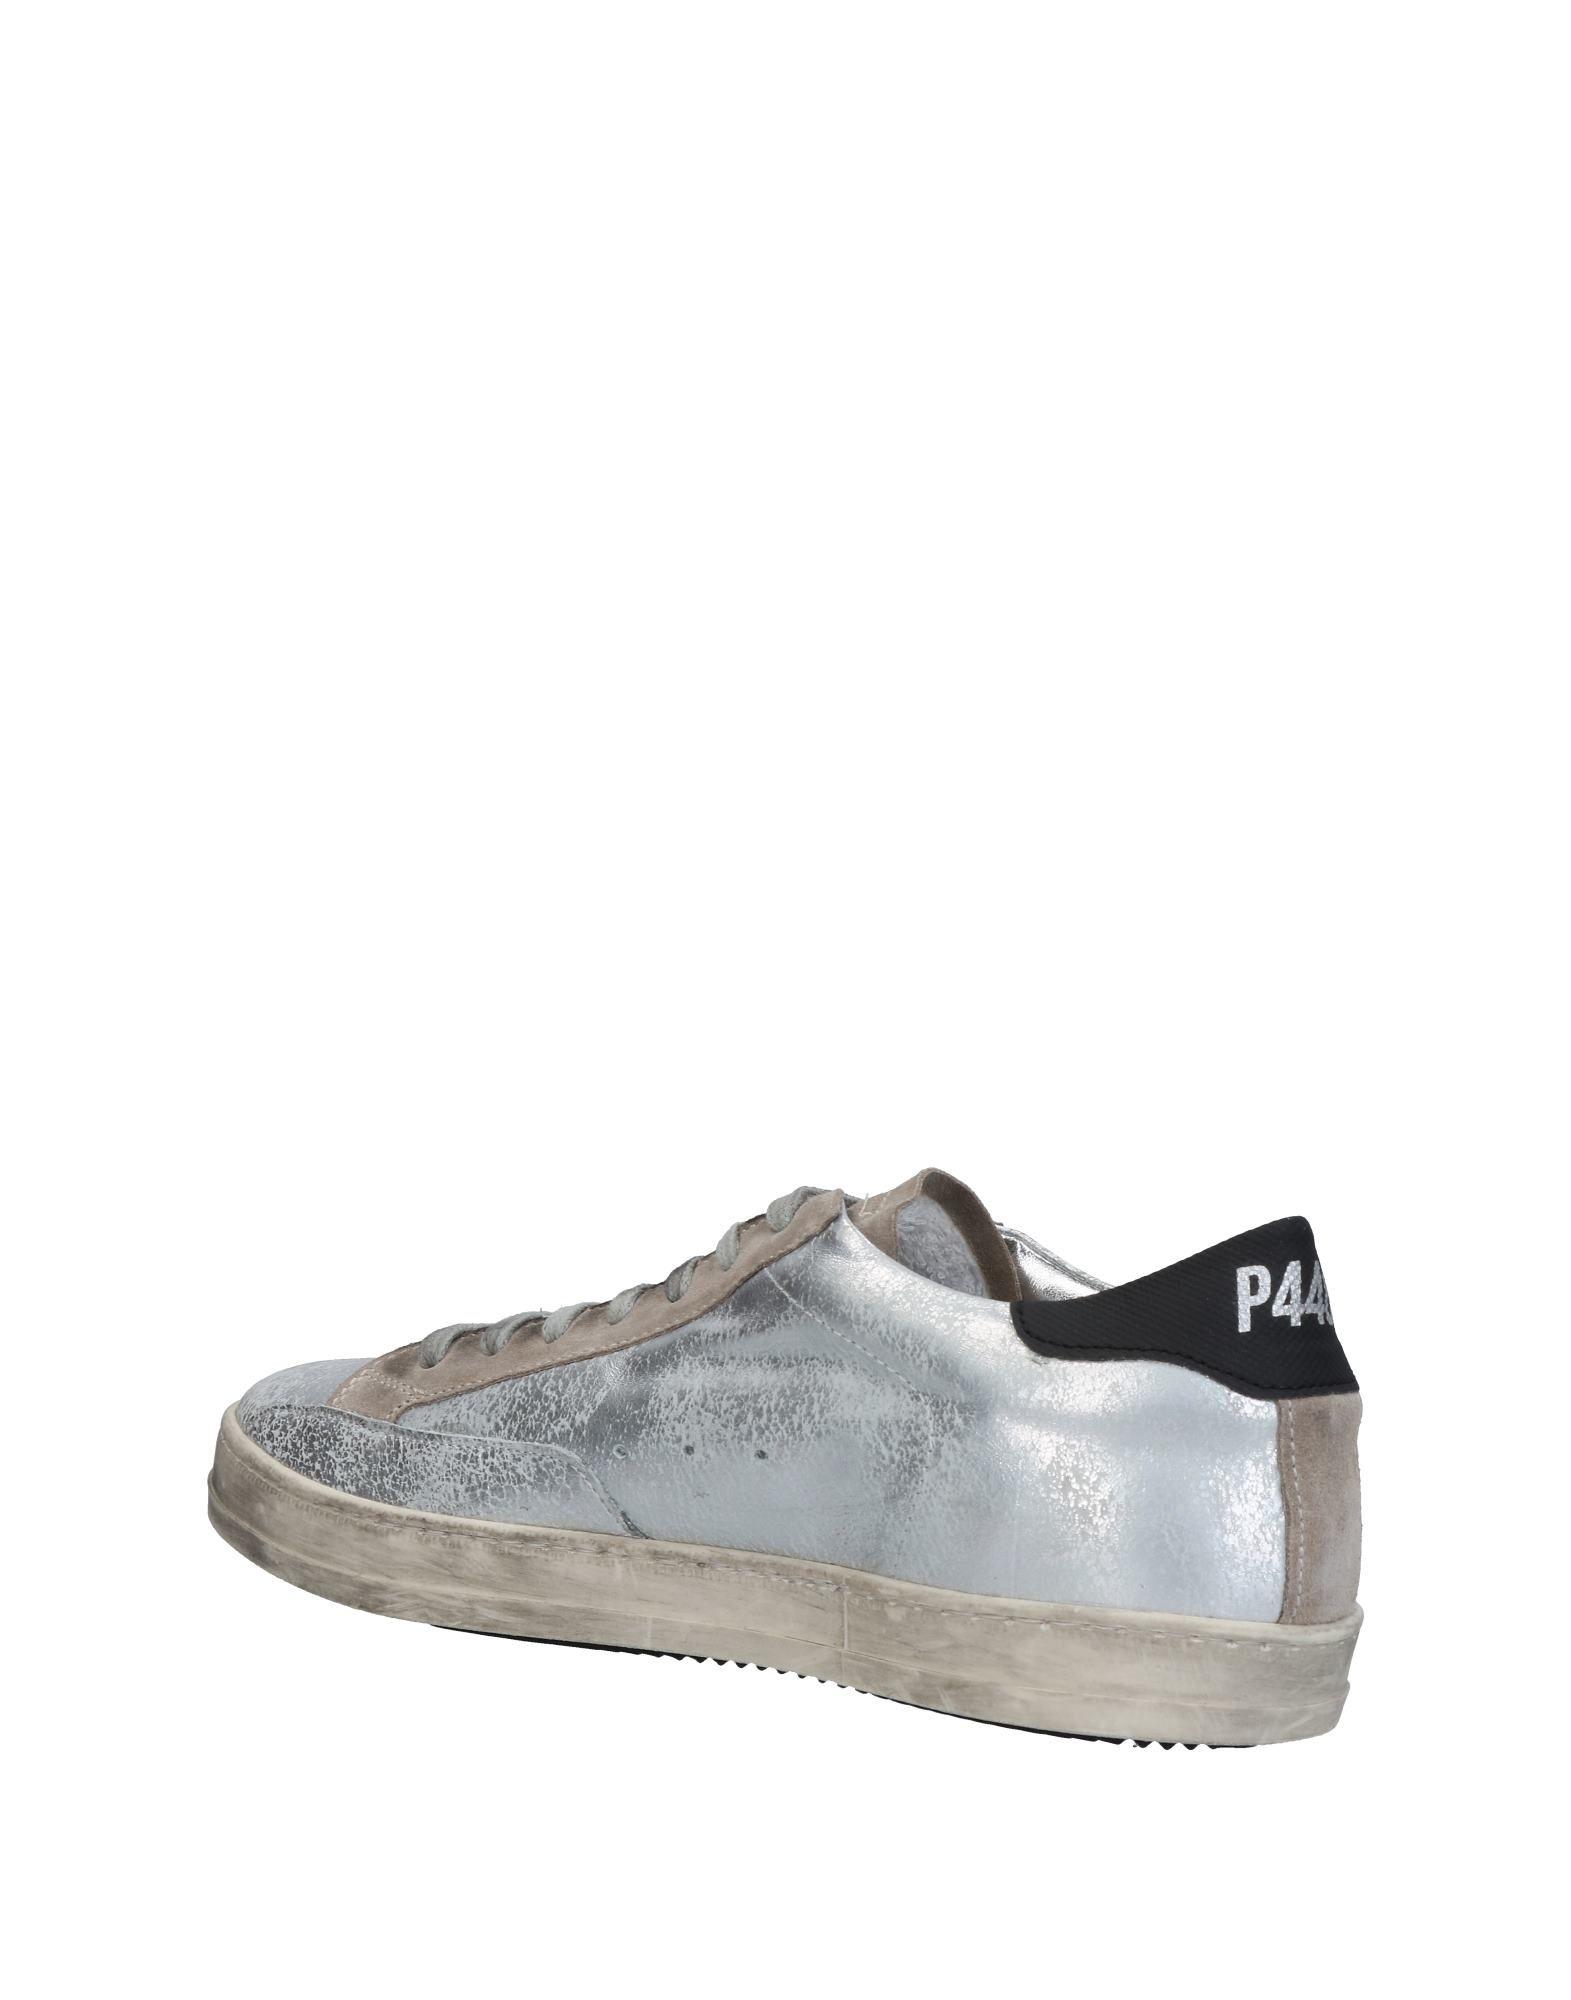 Rabatt echte  Schuhe P448 Sneakers Herren  echte 11457237GO 96137a